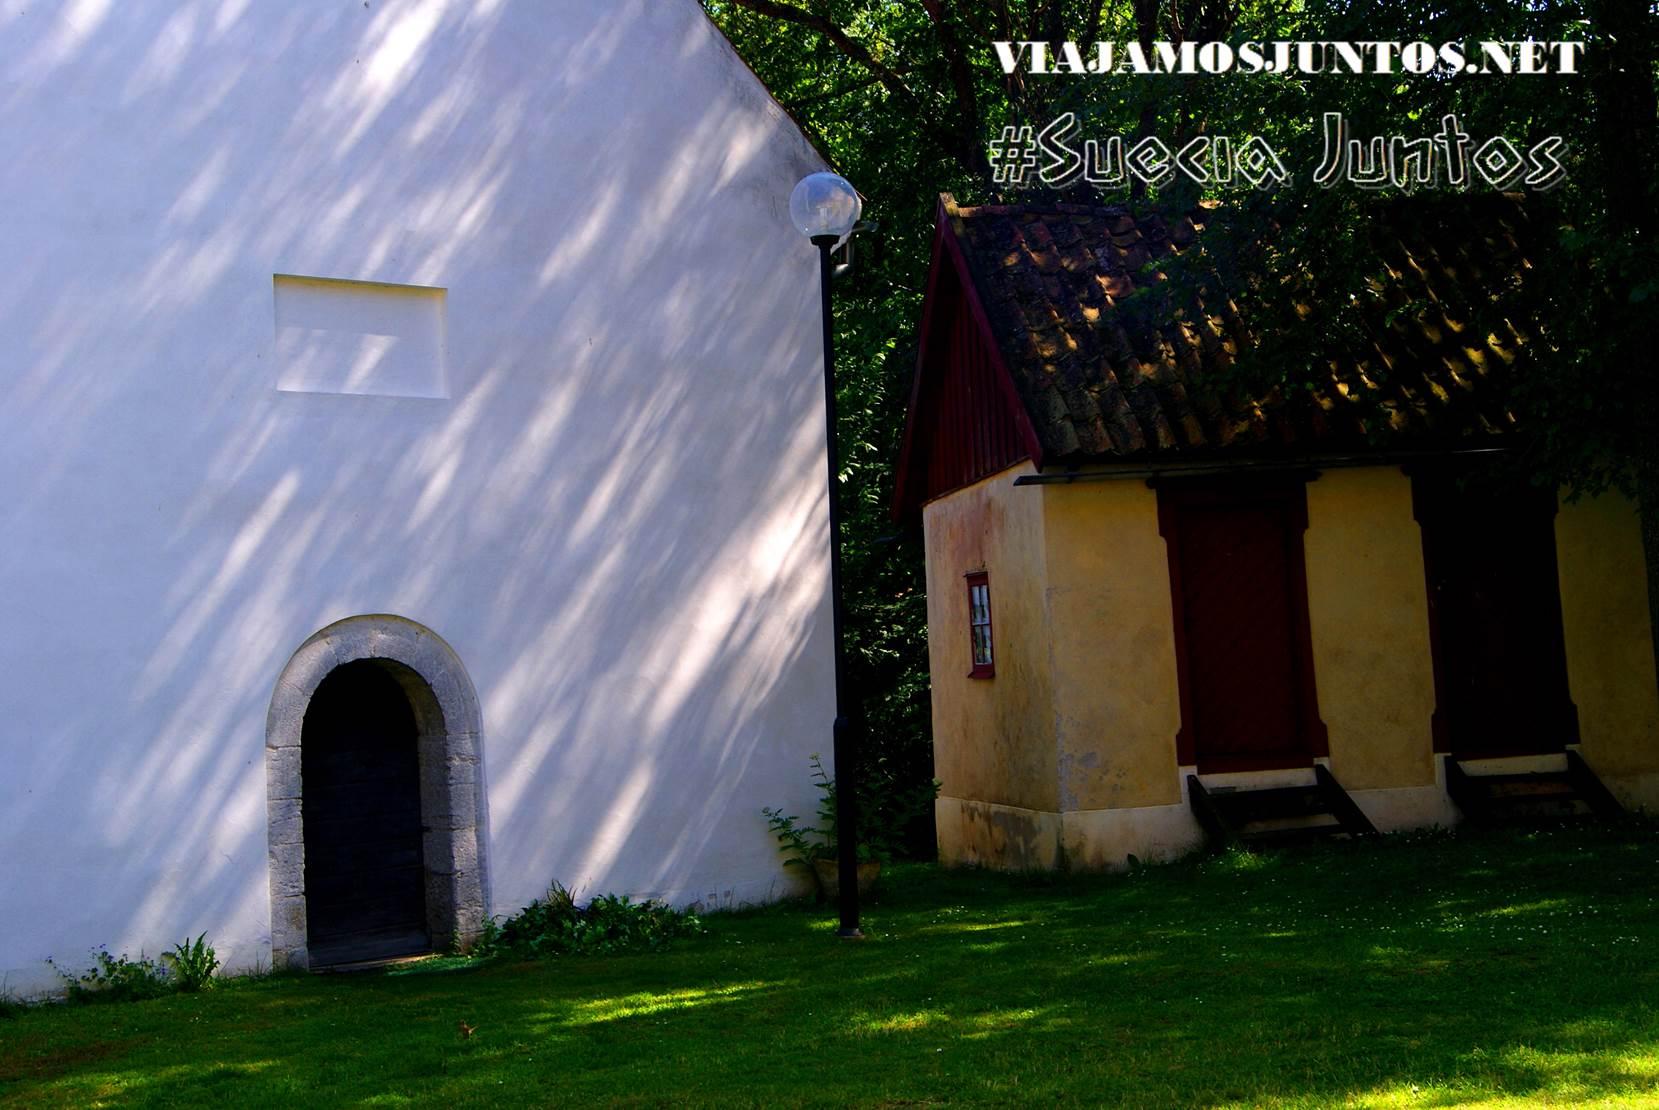 El interior del museo, con mucha simbólica ucraniana, isla de Gotland, Suecia